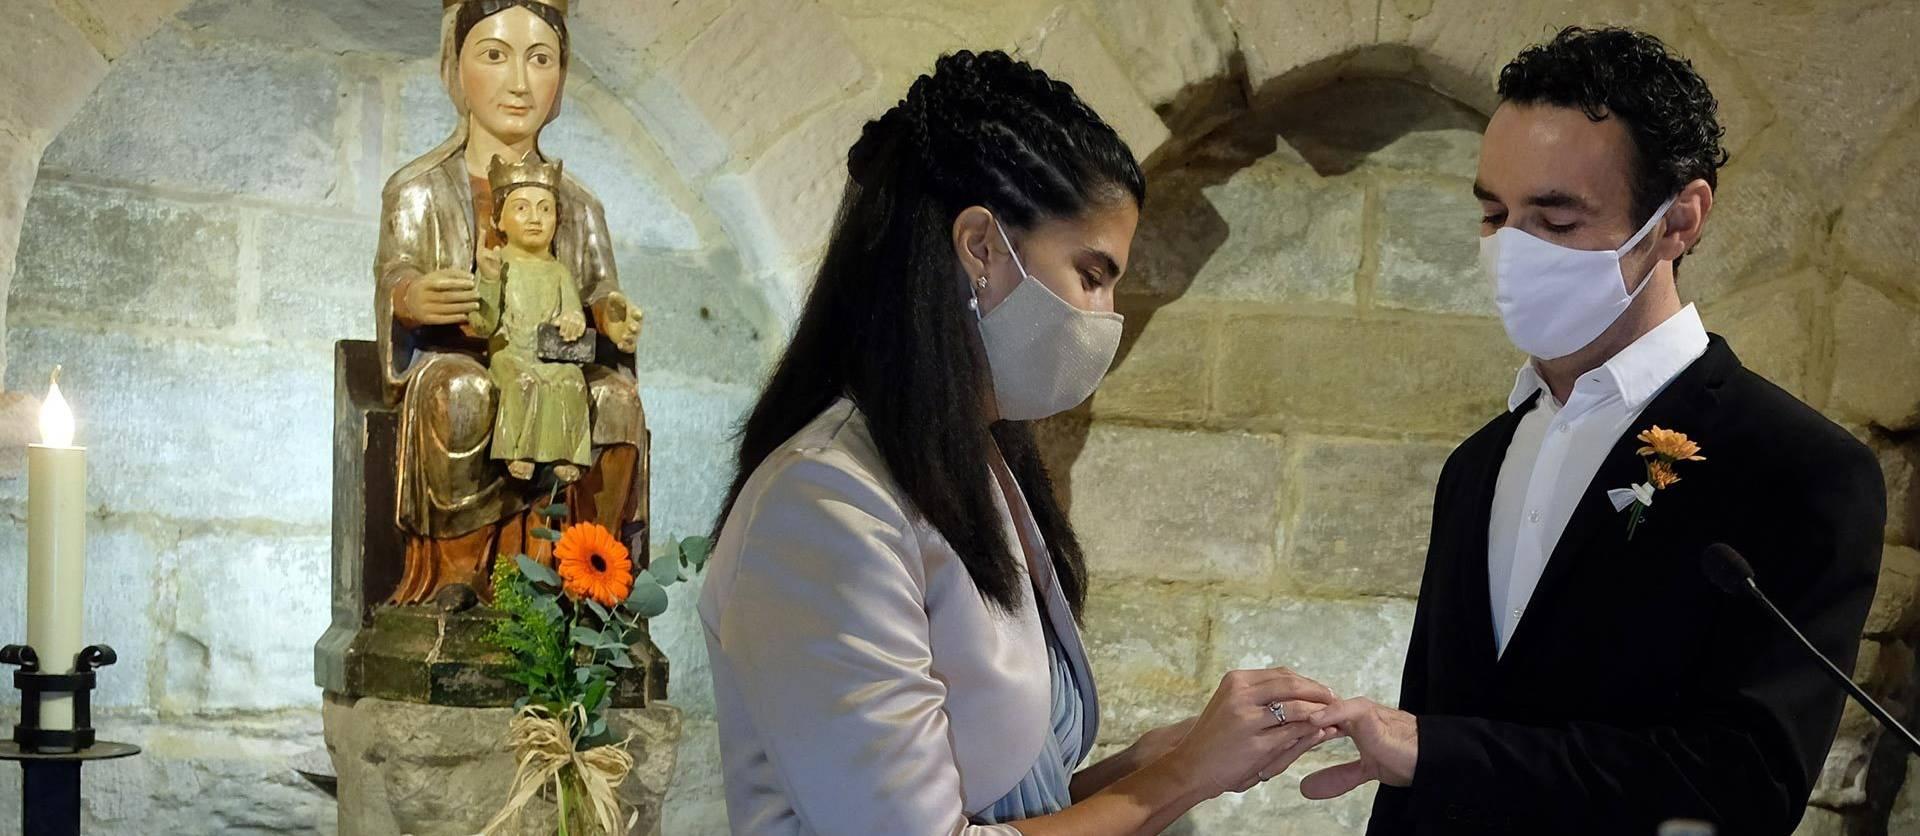 Foto de los novios se colocan los anillos frente a la copia de la Virgen de Eunate, cuyo original fue robado años atrás.